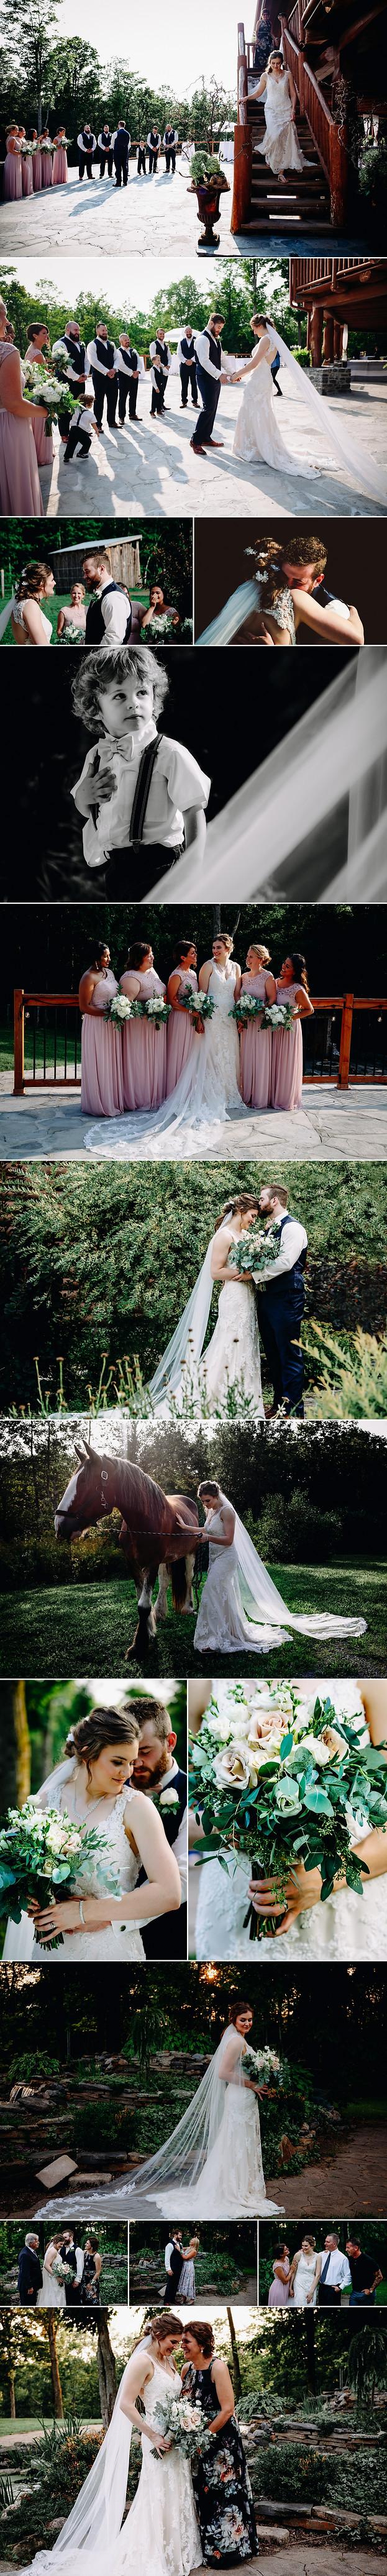 Kaylee collage 3.jpg